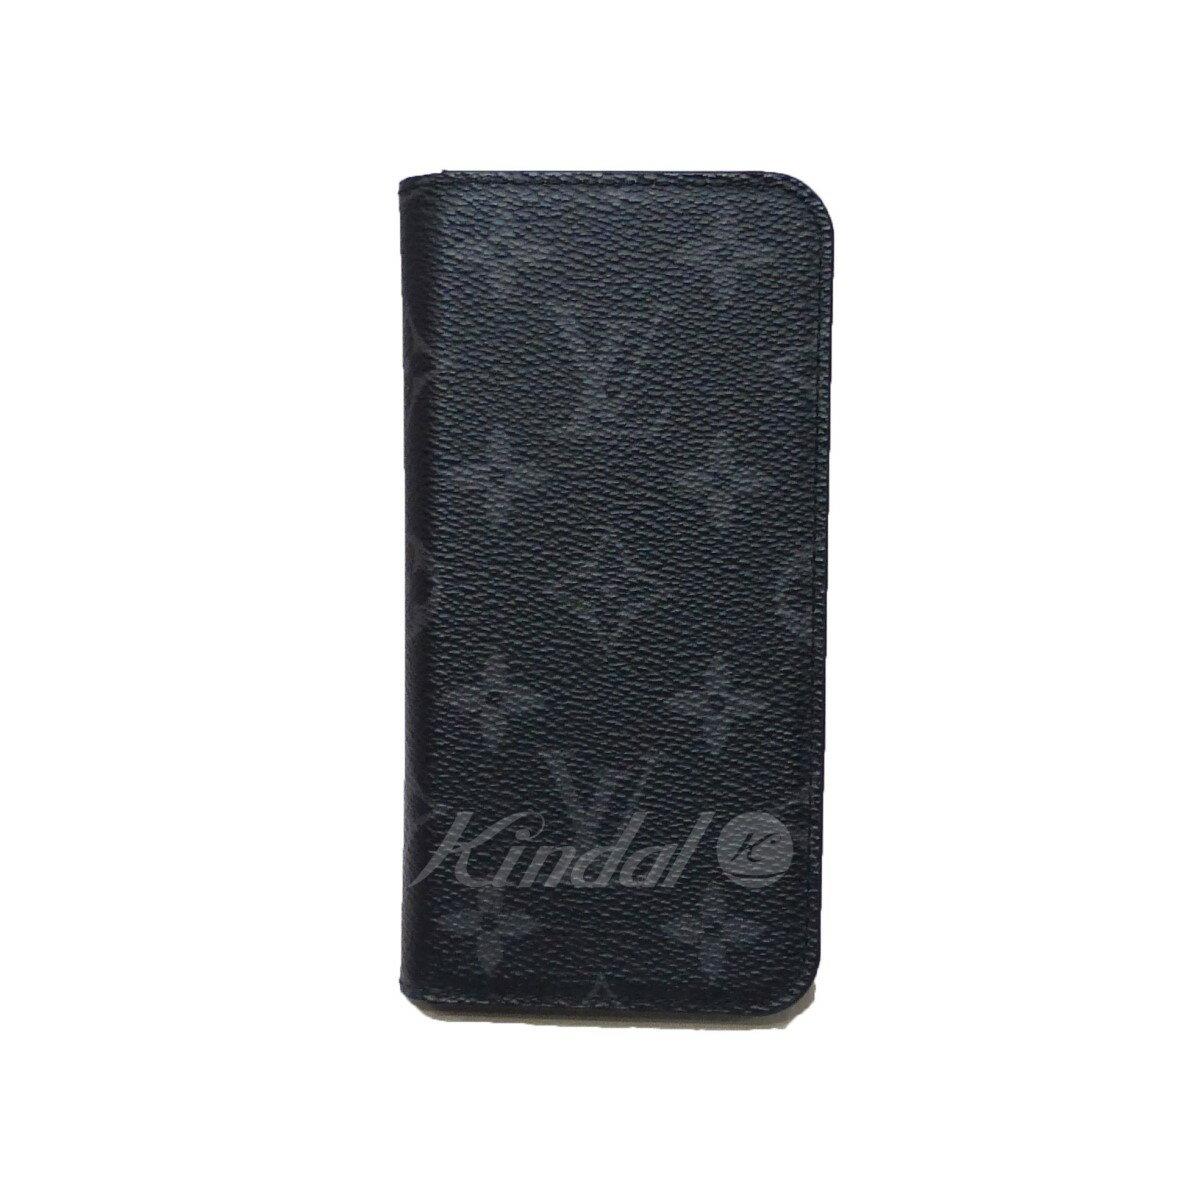 【中古】LOUIS VUITTON ルイヴィトン iPhone X ケース アイホン アイフォン チャコール サイズ:- 【送料無料】 【260618】(ルイヴィトン)